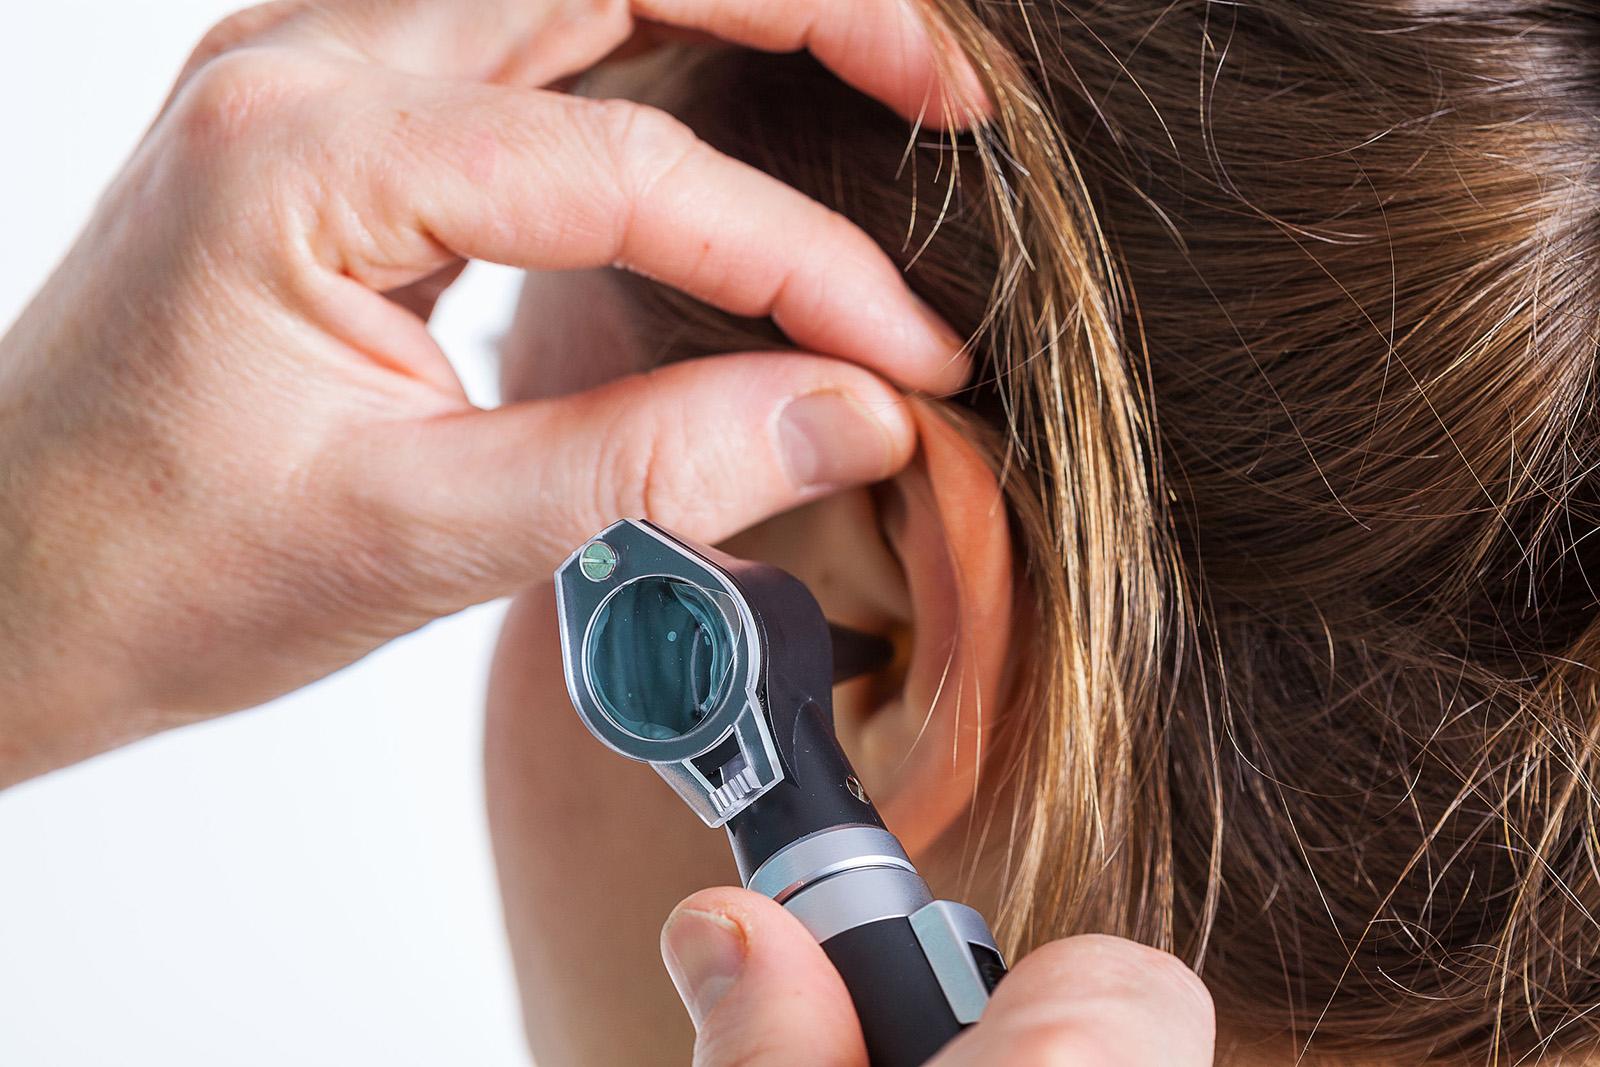 pikkelysömör a fülben fotókezelés pszoriázis kezelése mezoterápiával